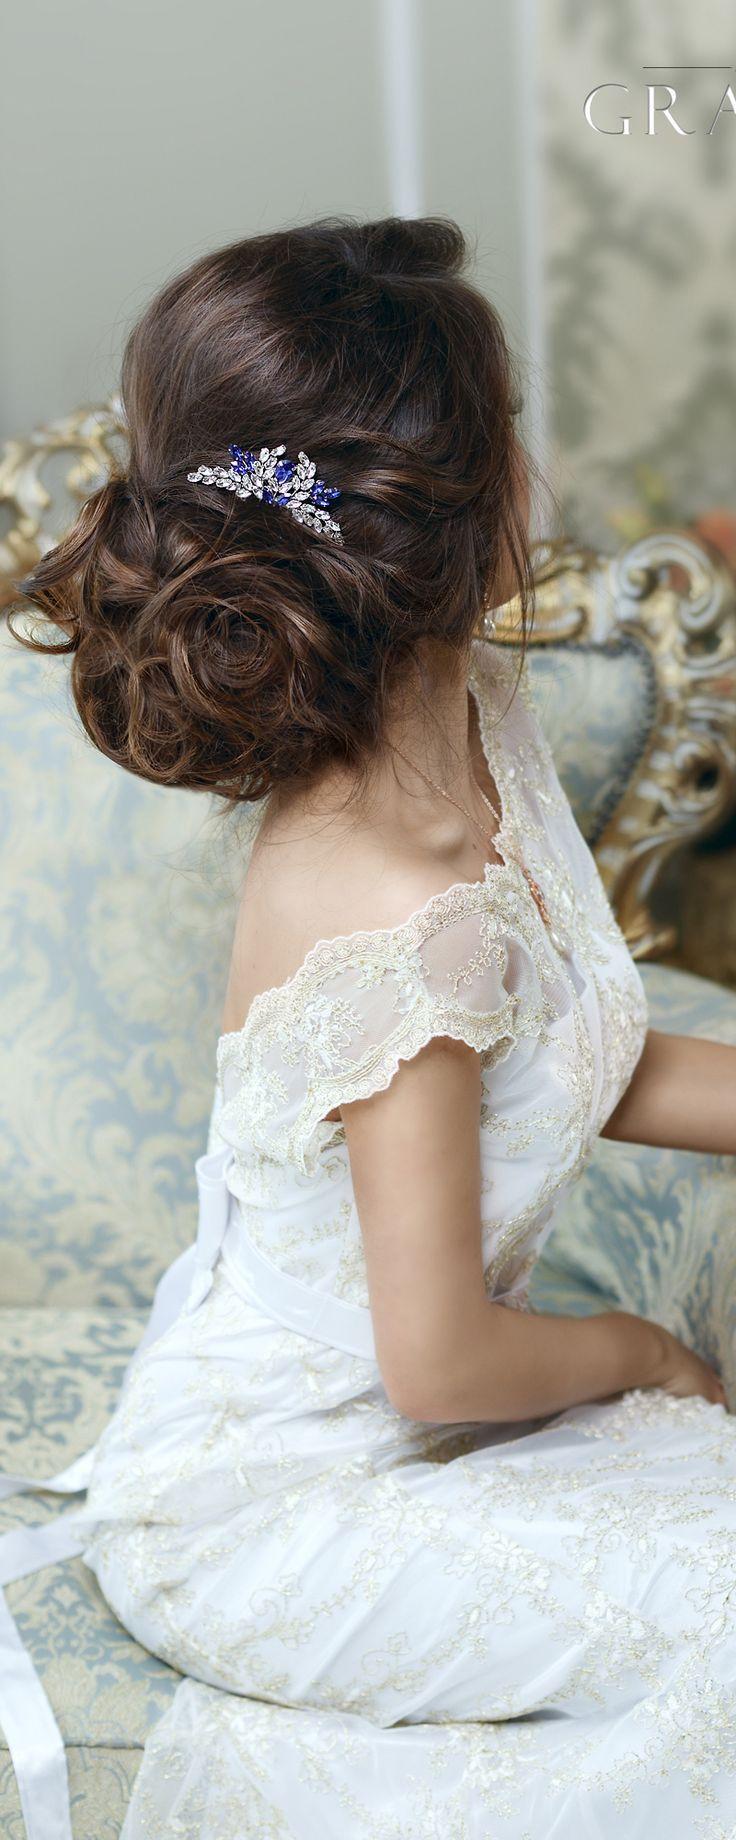 Bridal Hairstyles Inspiration Crystal Wedding Hair Comb Bridal